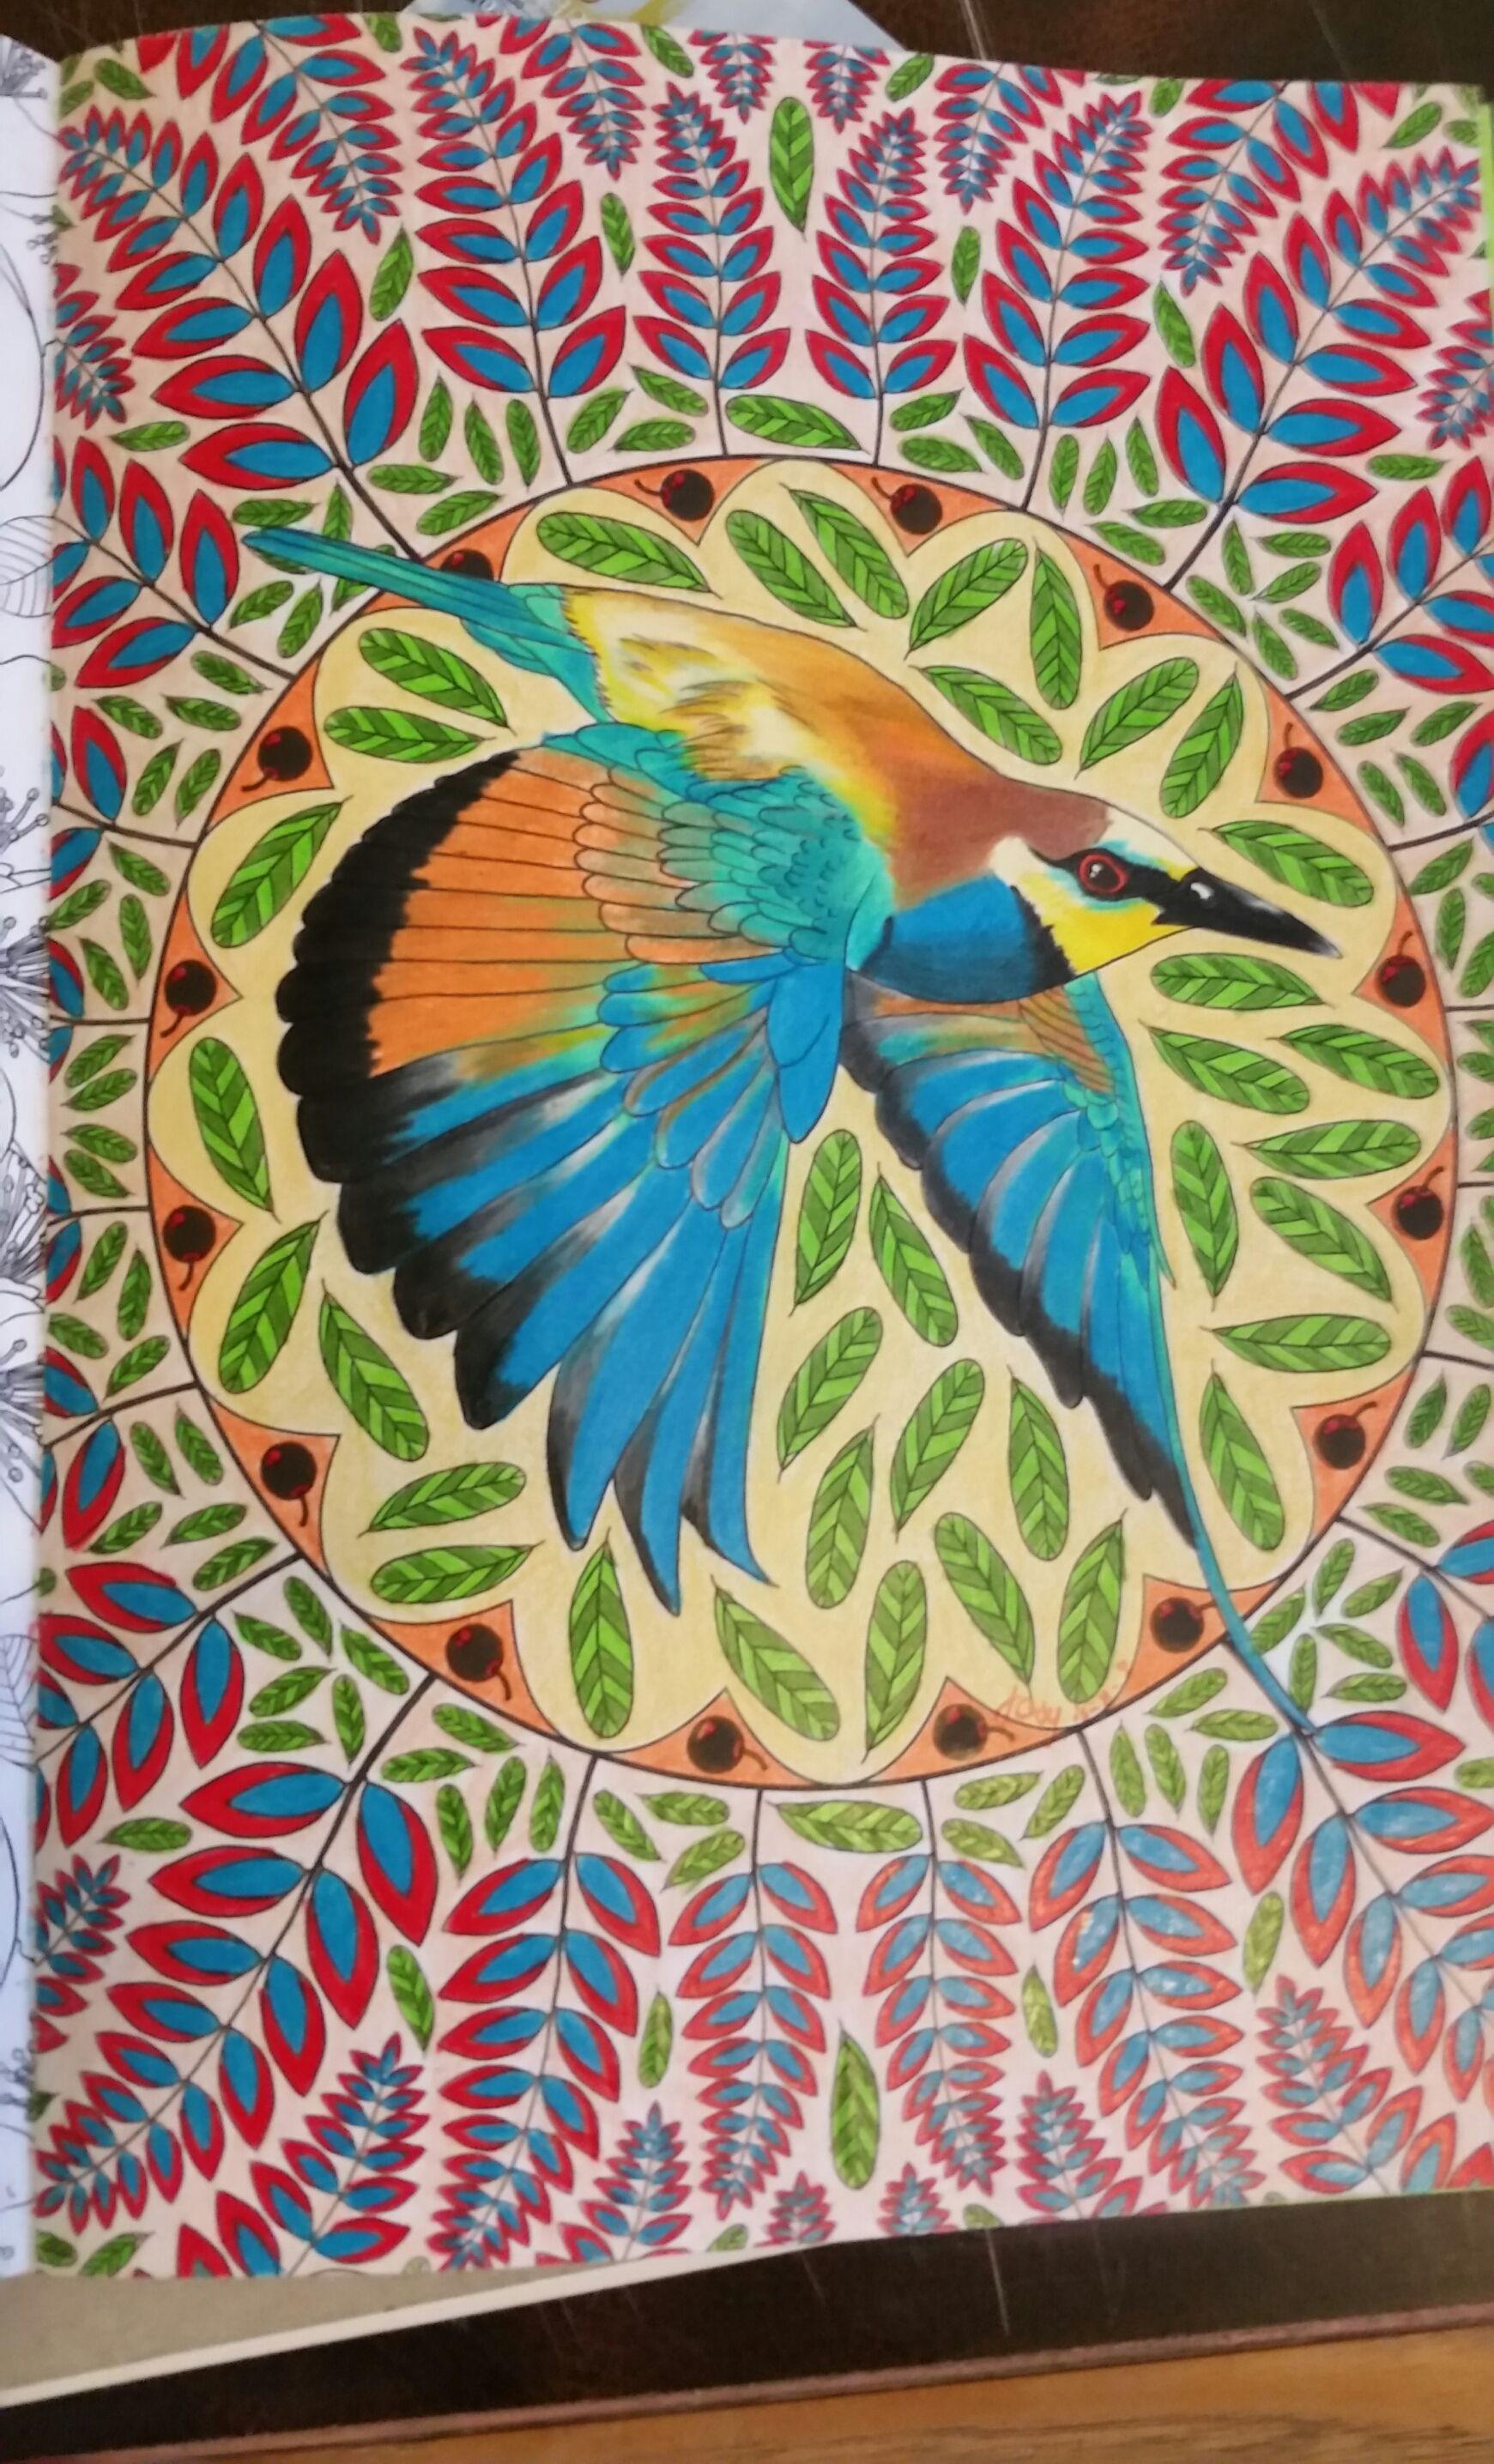 Du Livre Printemps 100 Coloriages Anti Stress De Hachette Art Therapie Arttherapy Hachette Colouringartbo Art Art Journal Inspiration Wall Canvas Painting